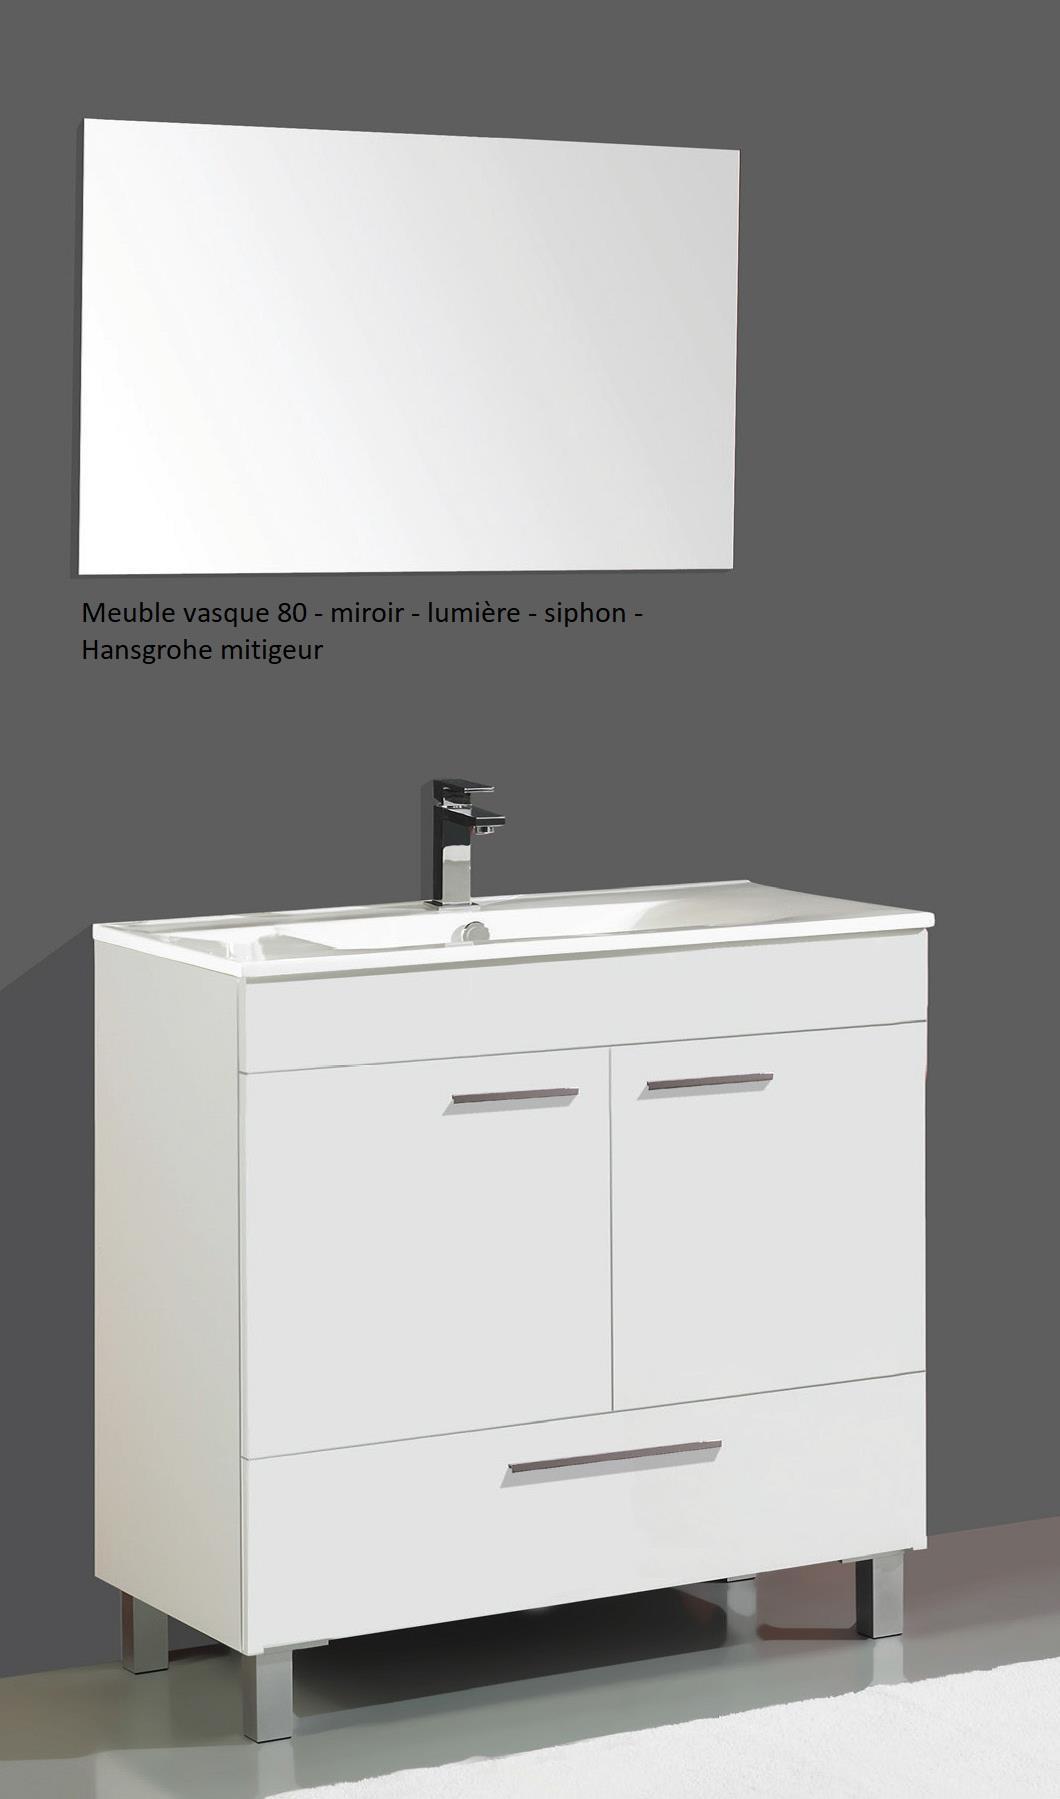 offres chantier. Black Bedroom Furniture Sets. Home Design Ideas